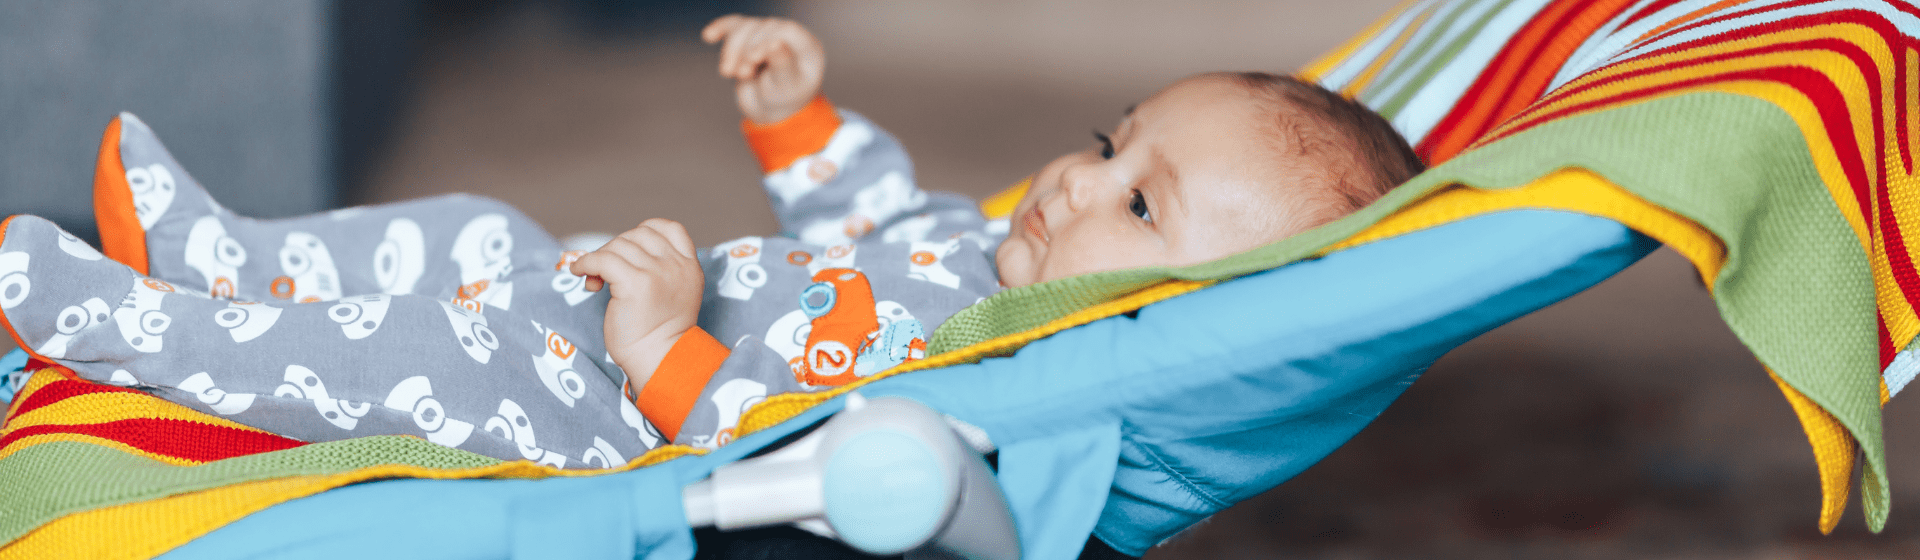 Como escolher a melhor cadeira de balanço para bebê?